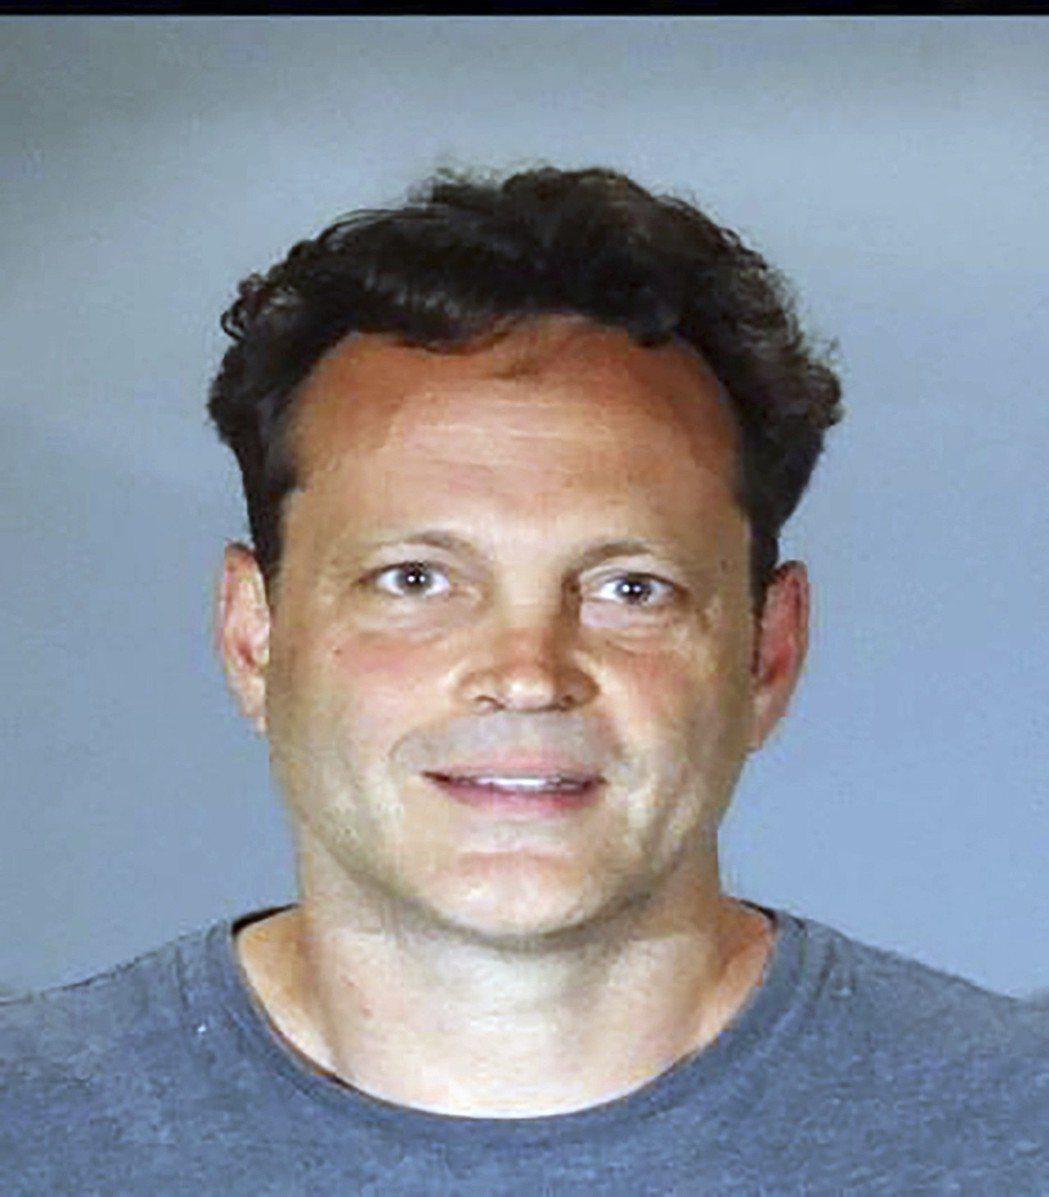 文斯范恩在南加州曼哈頓灘涉嫌酒駕和拒捕,遭到警方逮捕。 圖/美聯社